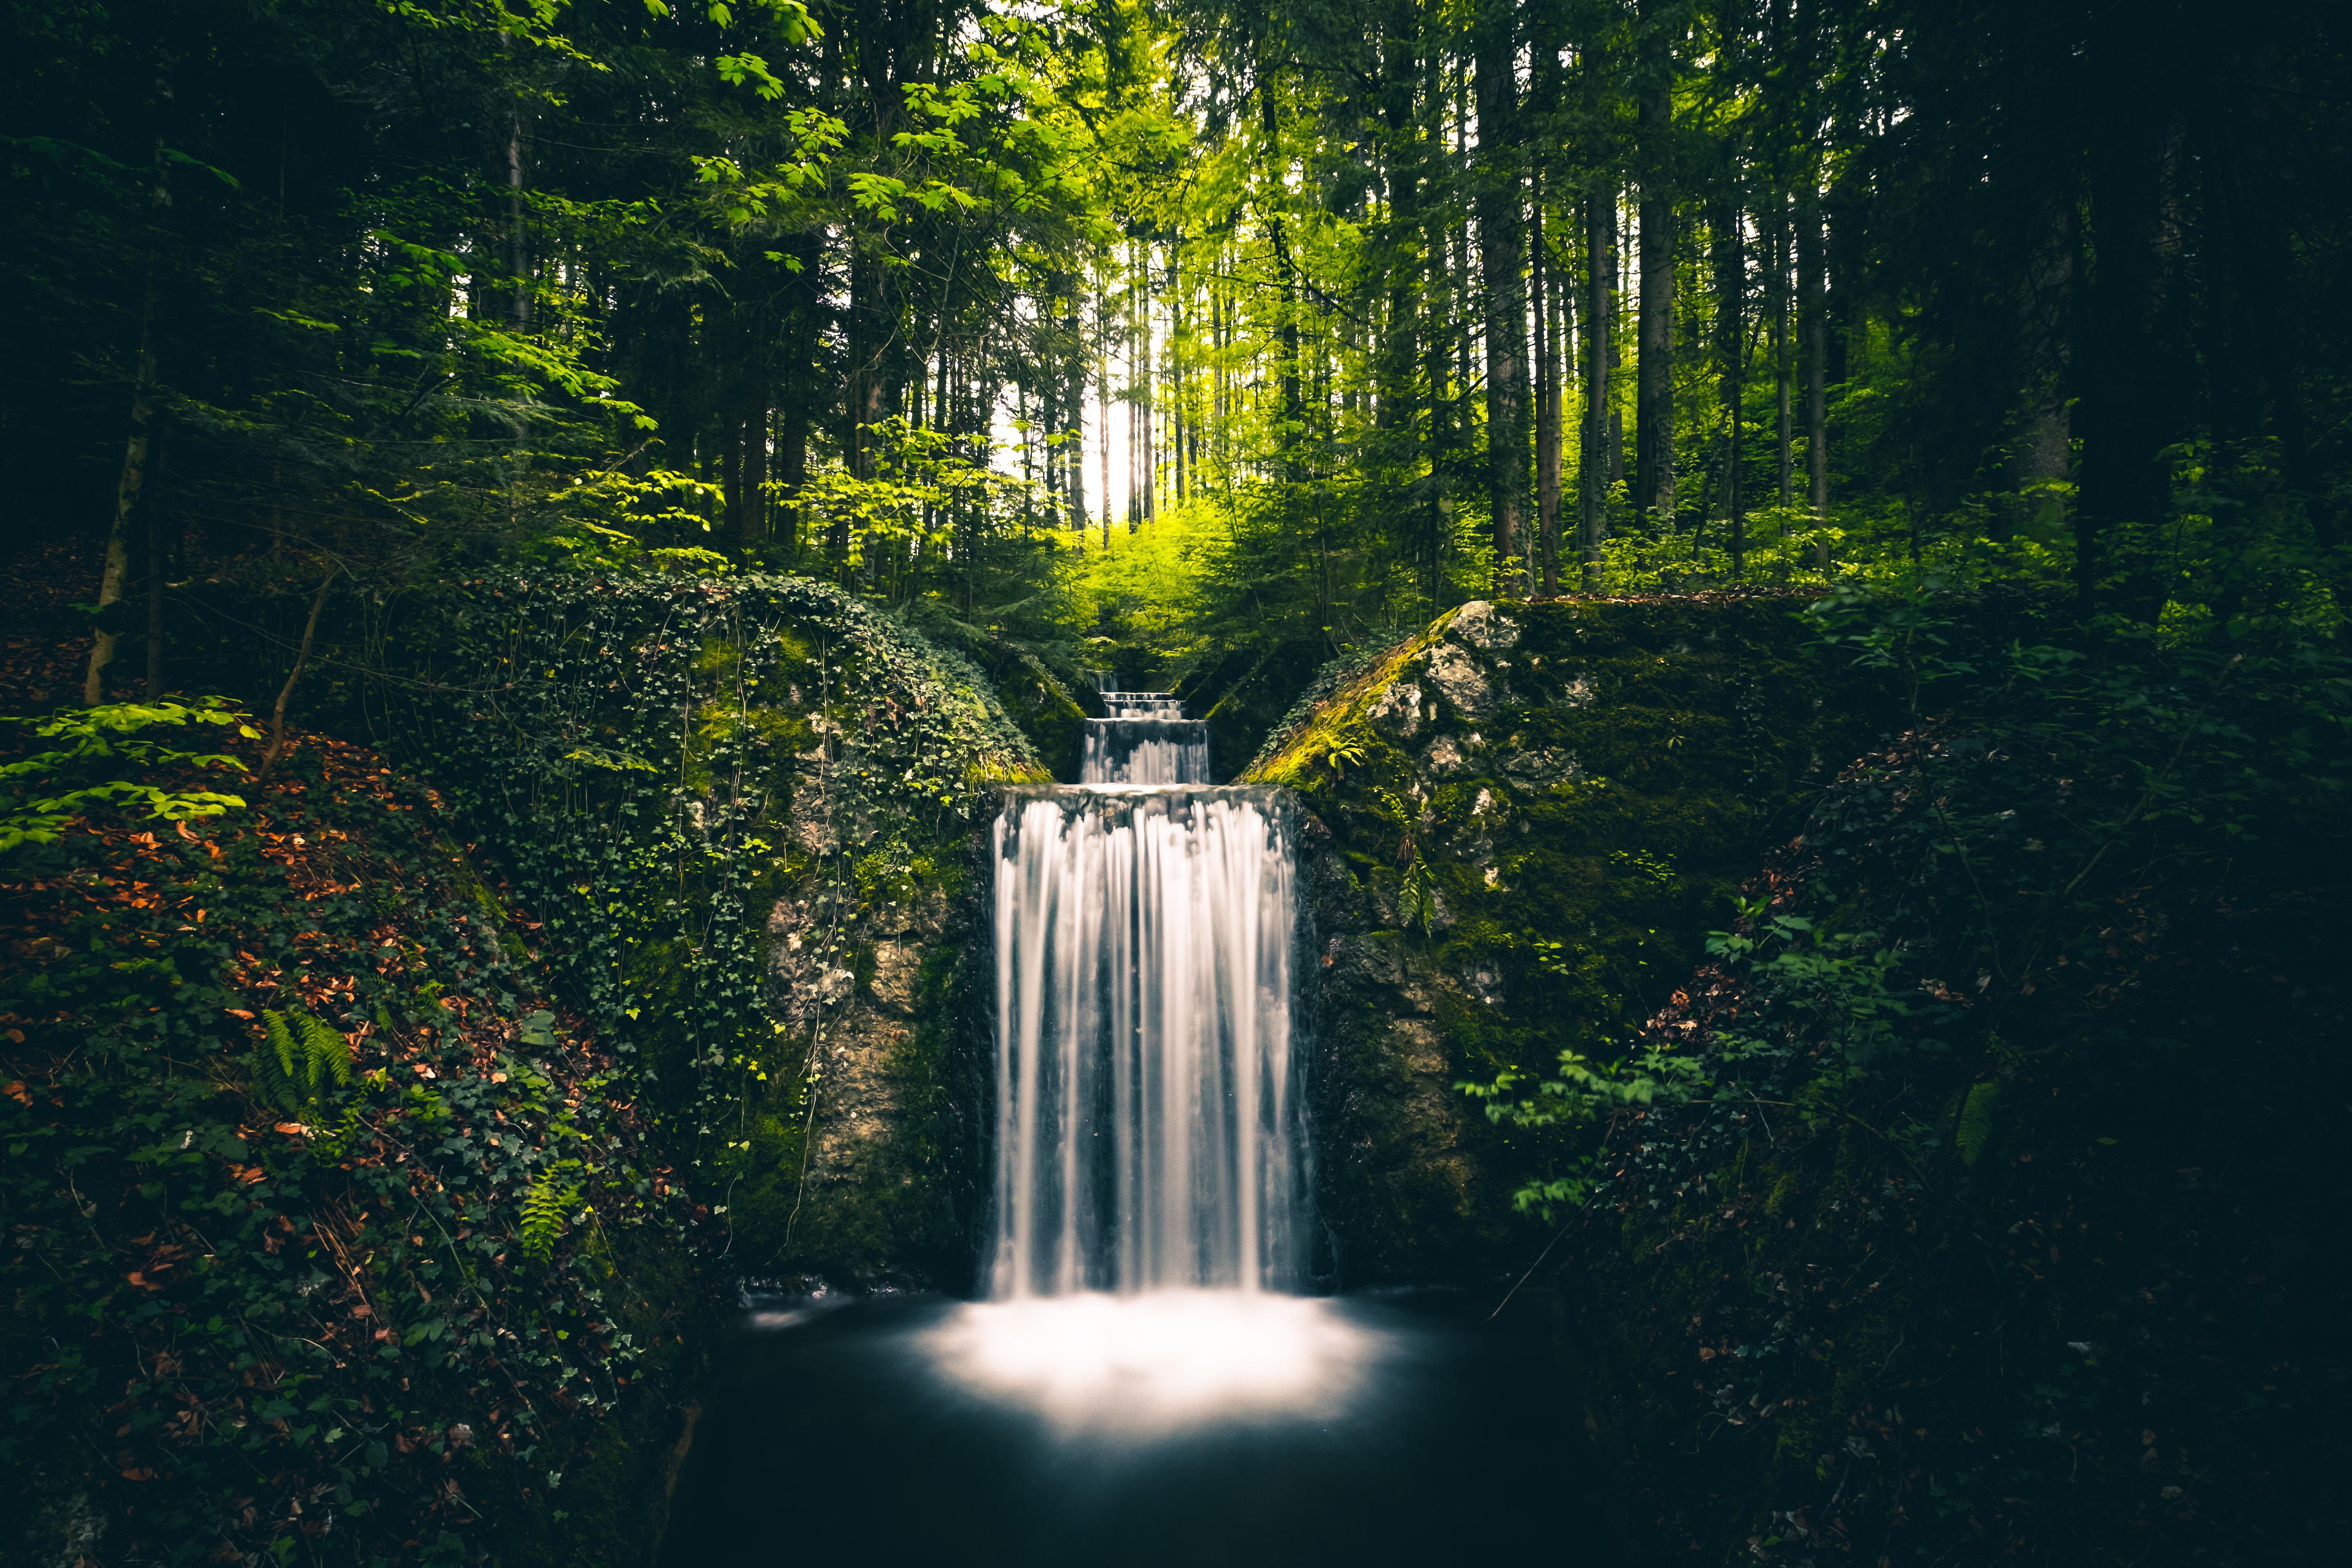 105667 скачать обои Природа, Водопад, Растения, Деревья, Кусты, Пейзаж - заставки и картинки бесплатно